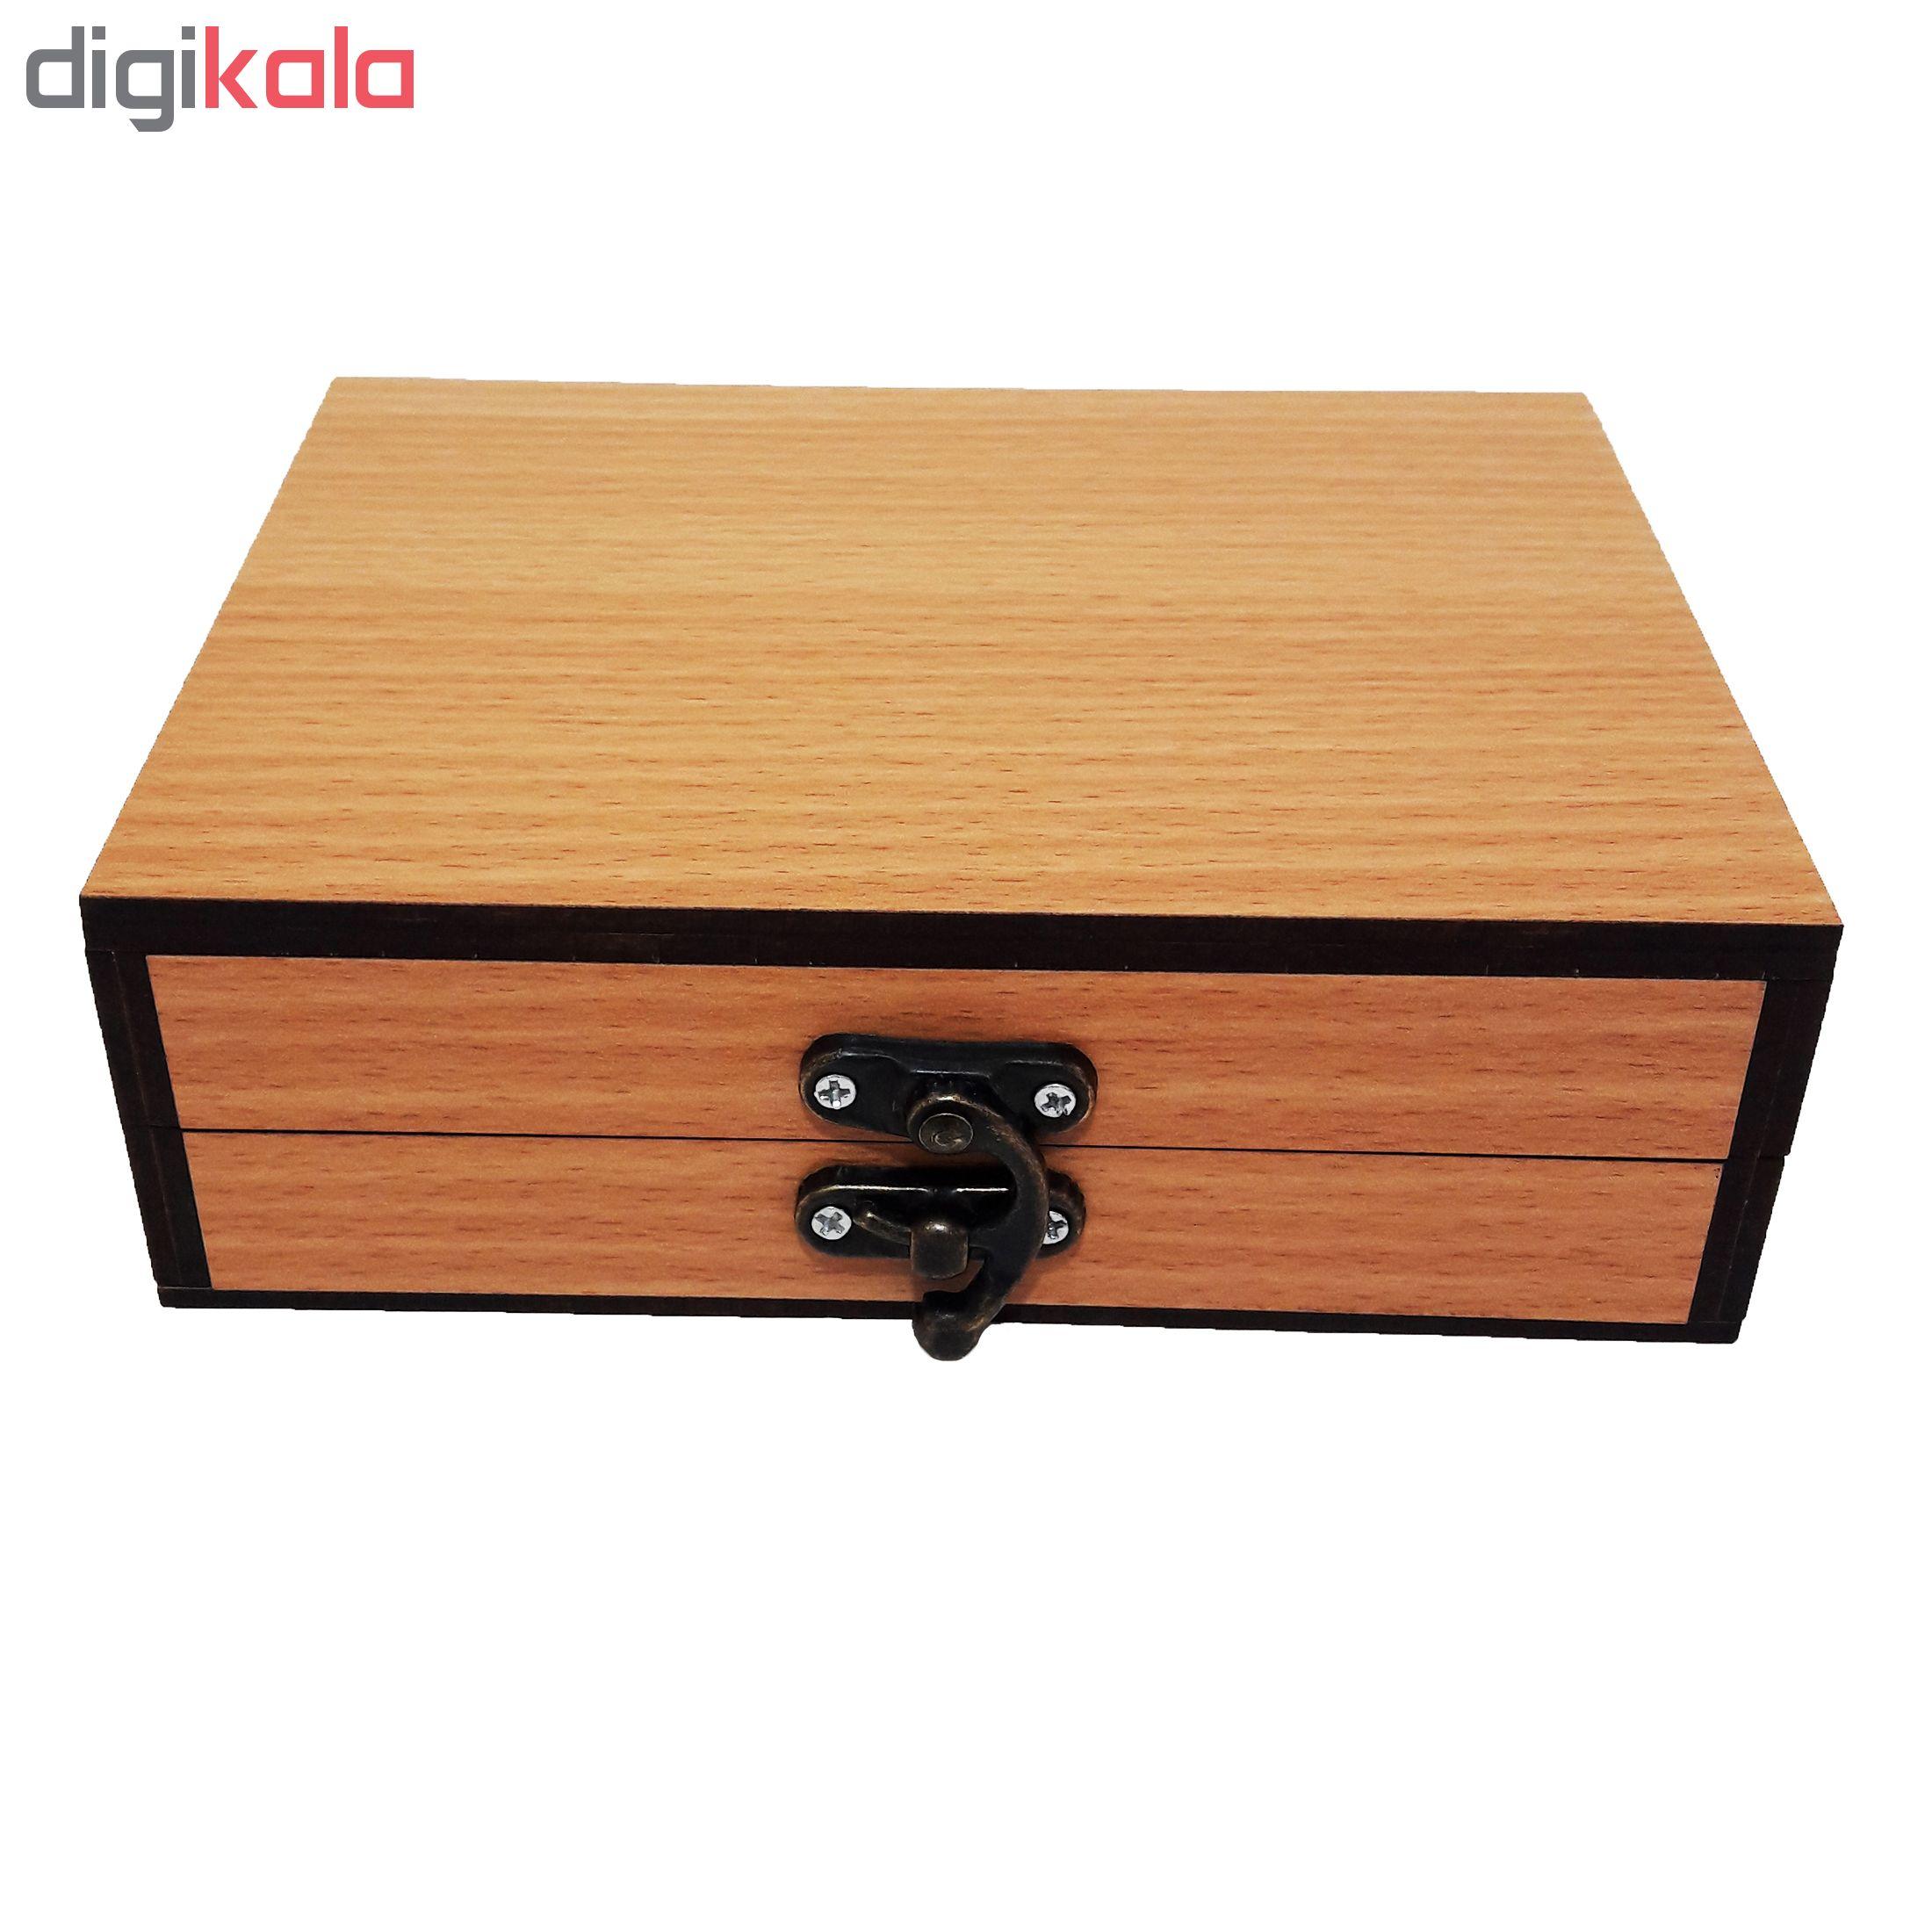 خرید                      جعبه هدیه چوبی کادو آیهان باکس مدل 73